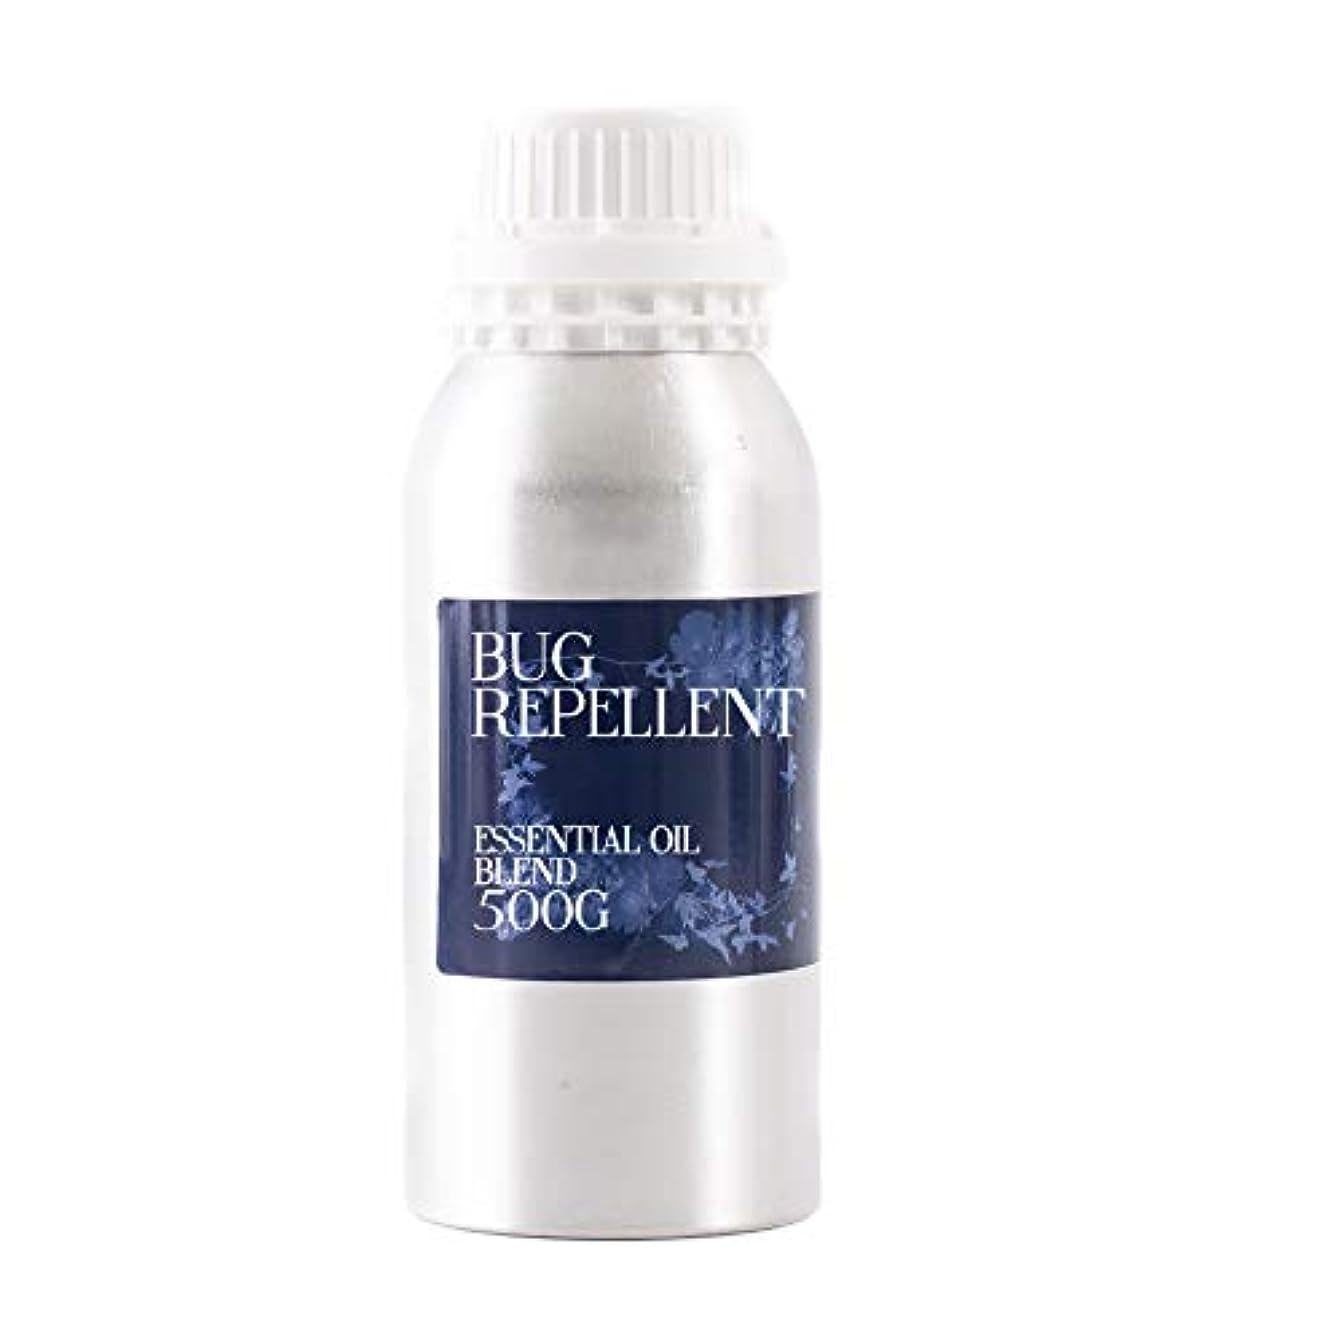 囲いエゴイズム飾り羽Mystix London   Bug Repellent Essential Oil Blend 500g